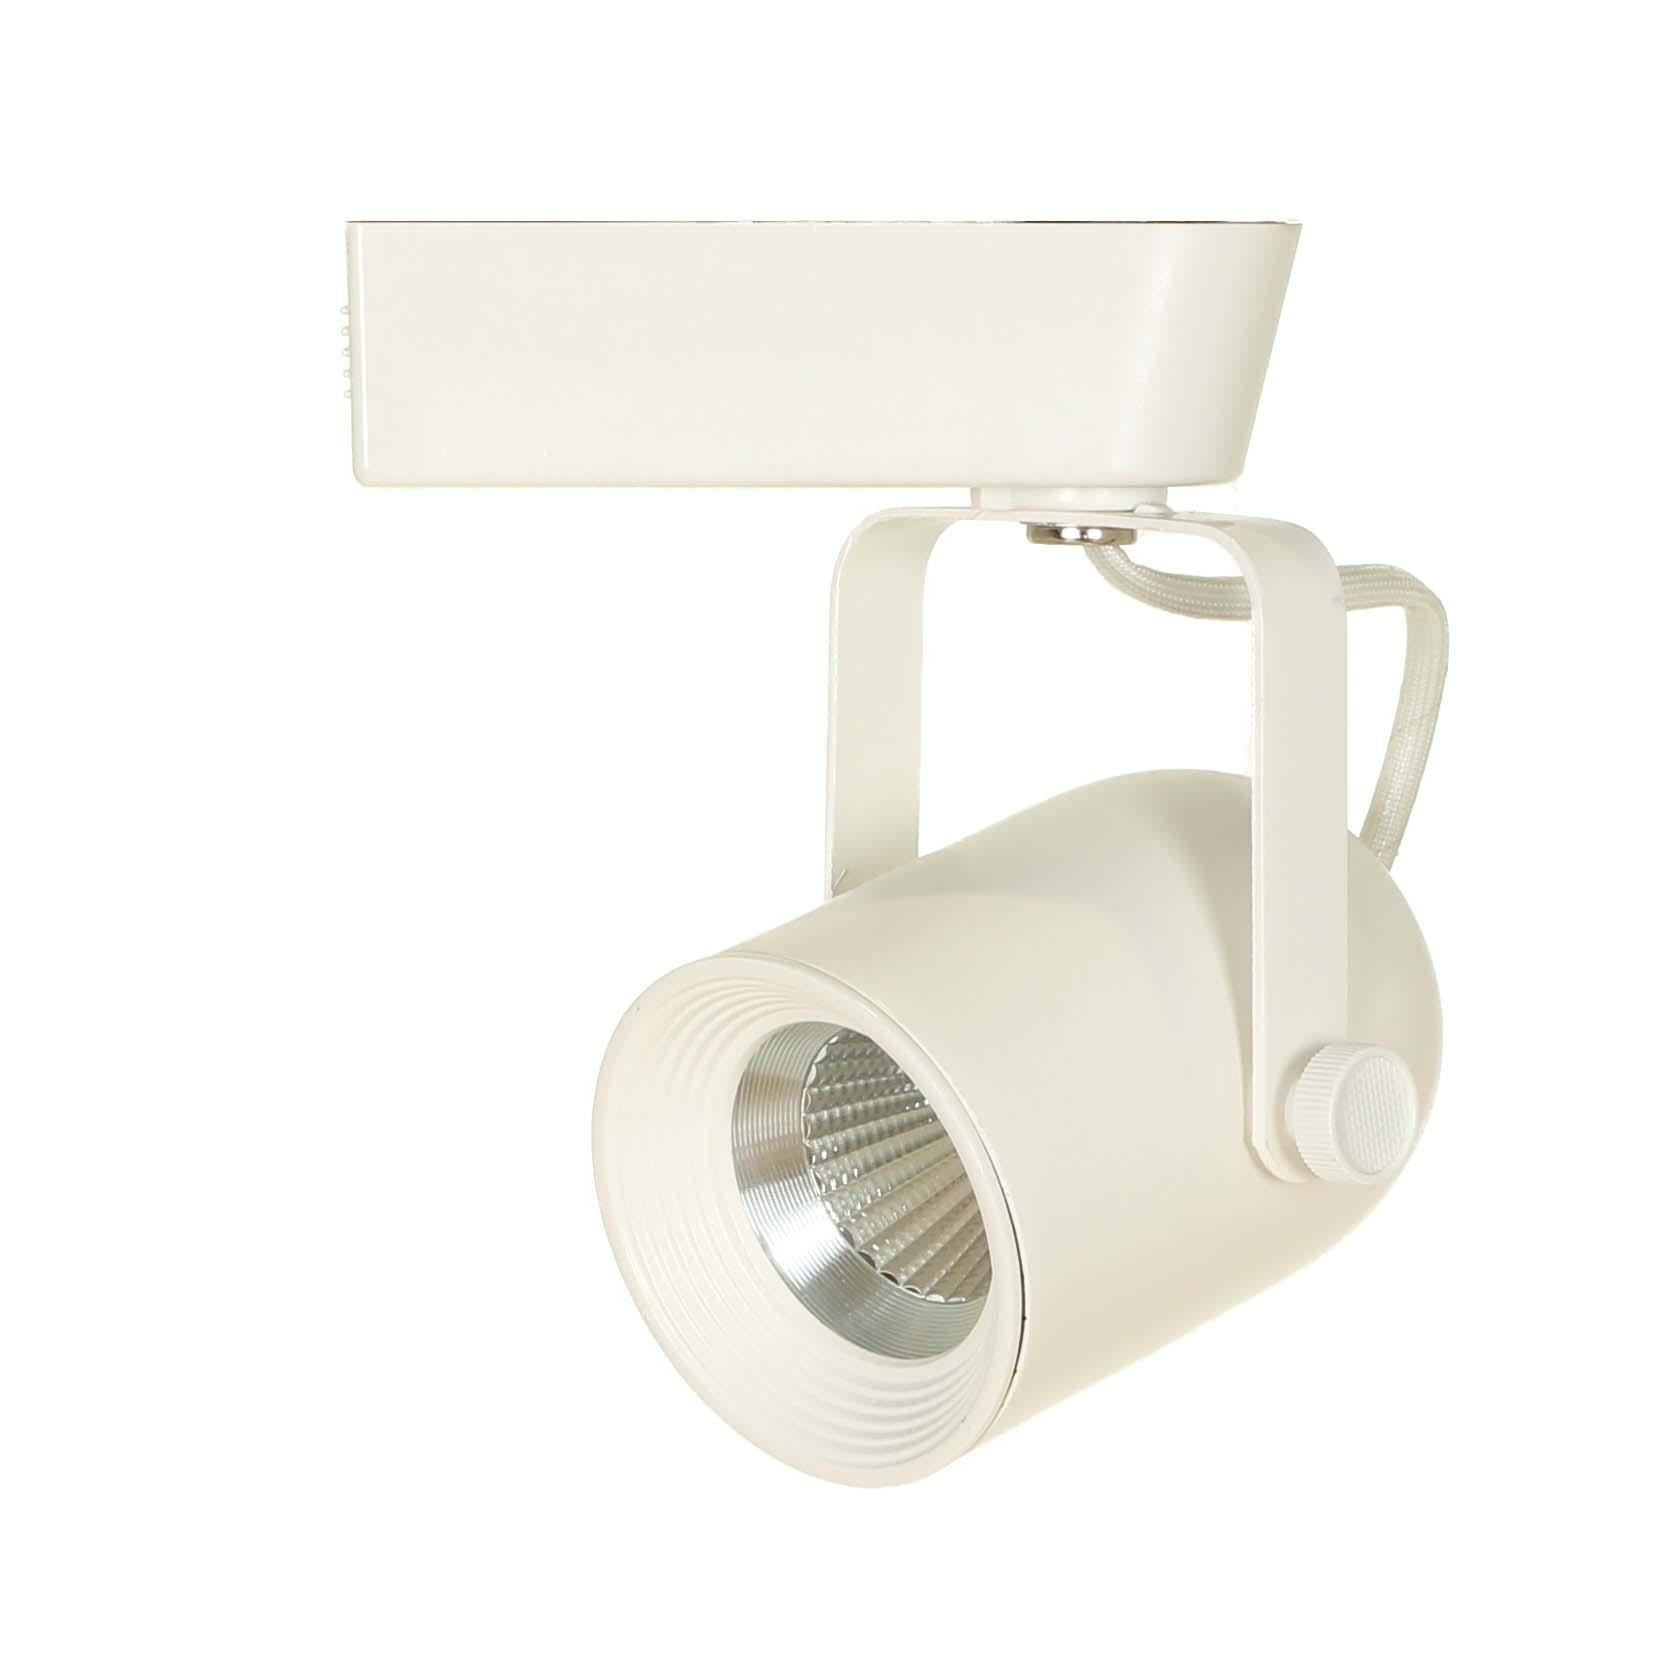 ... LED Track Lighting Kit HT-60088 White ...  sc 1 st  Direct-Lighting.com & LED Track Lighting Kits u0026 LED Track Lighting Systems HT-60088 ...